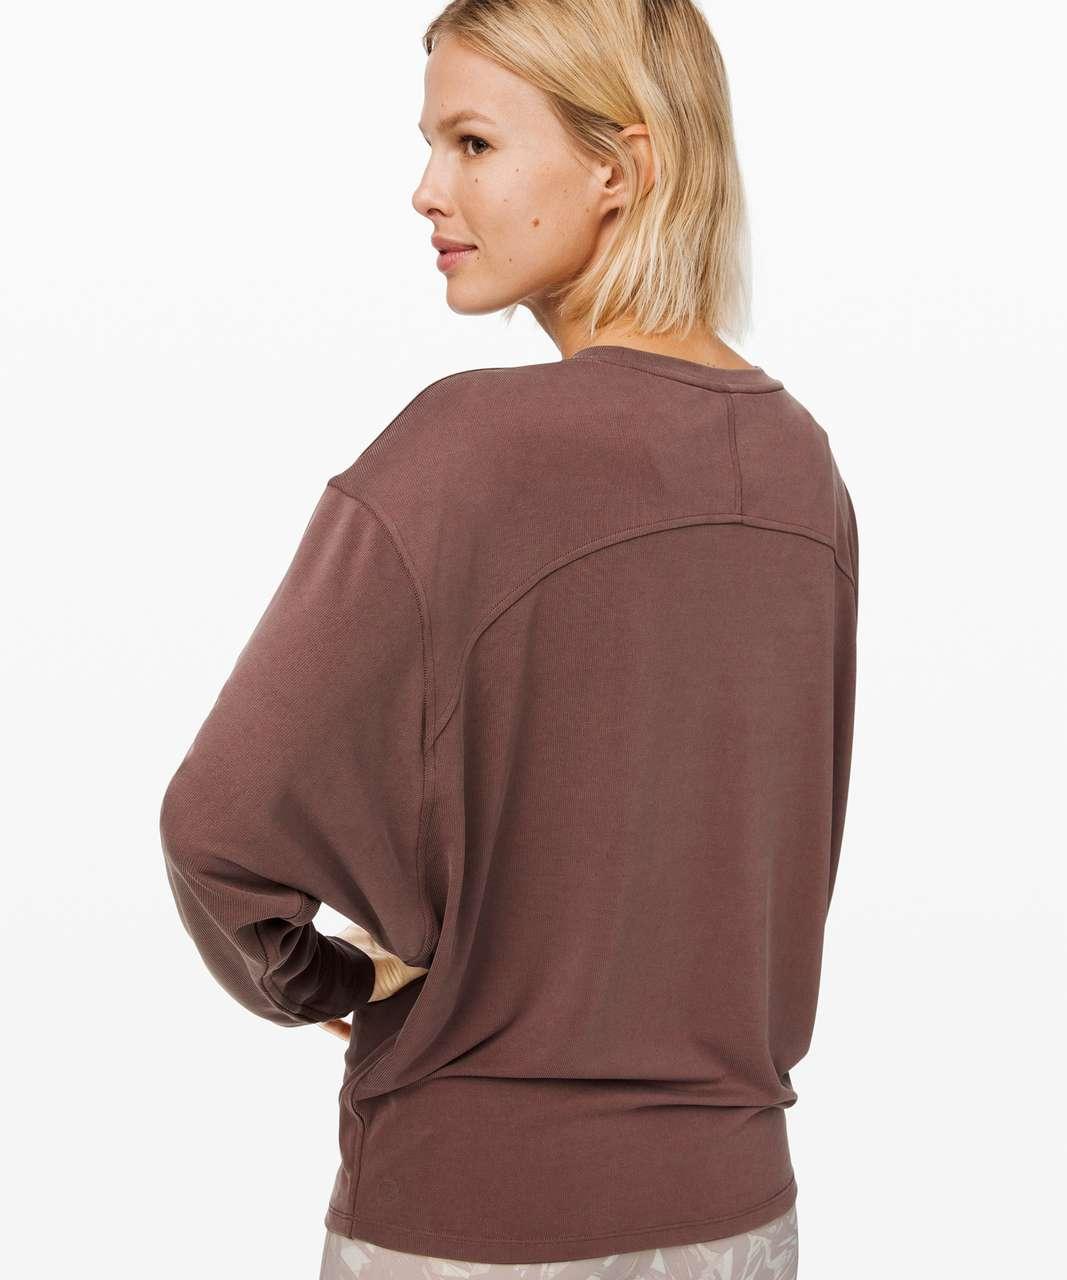 Lululemon Loungeful Drape Long Sleeve *Cupro - Antique Bark